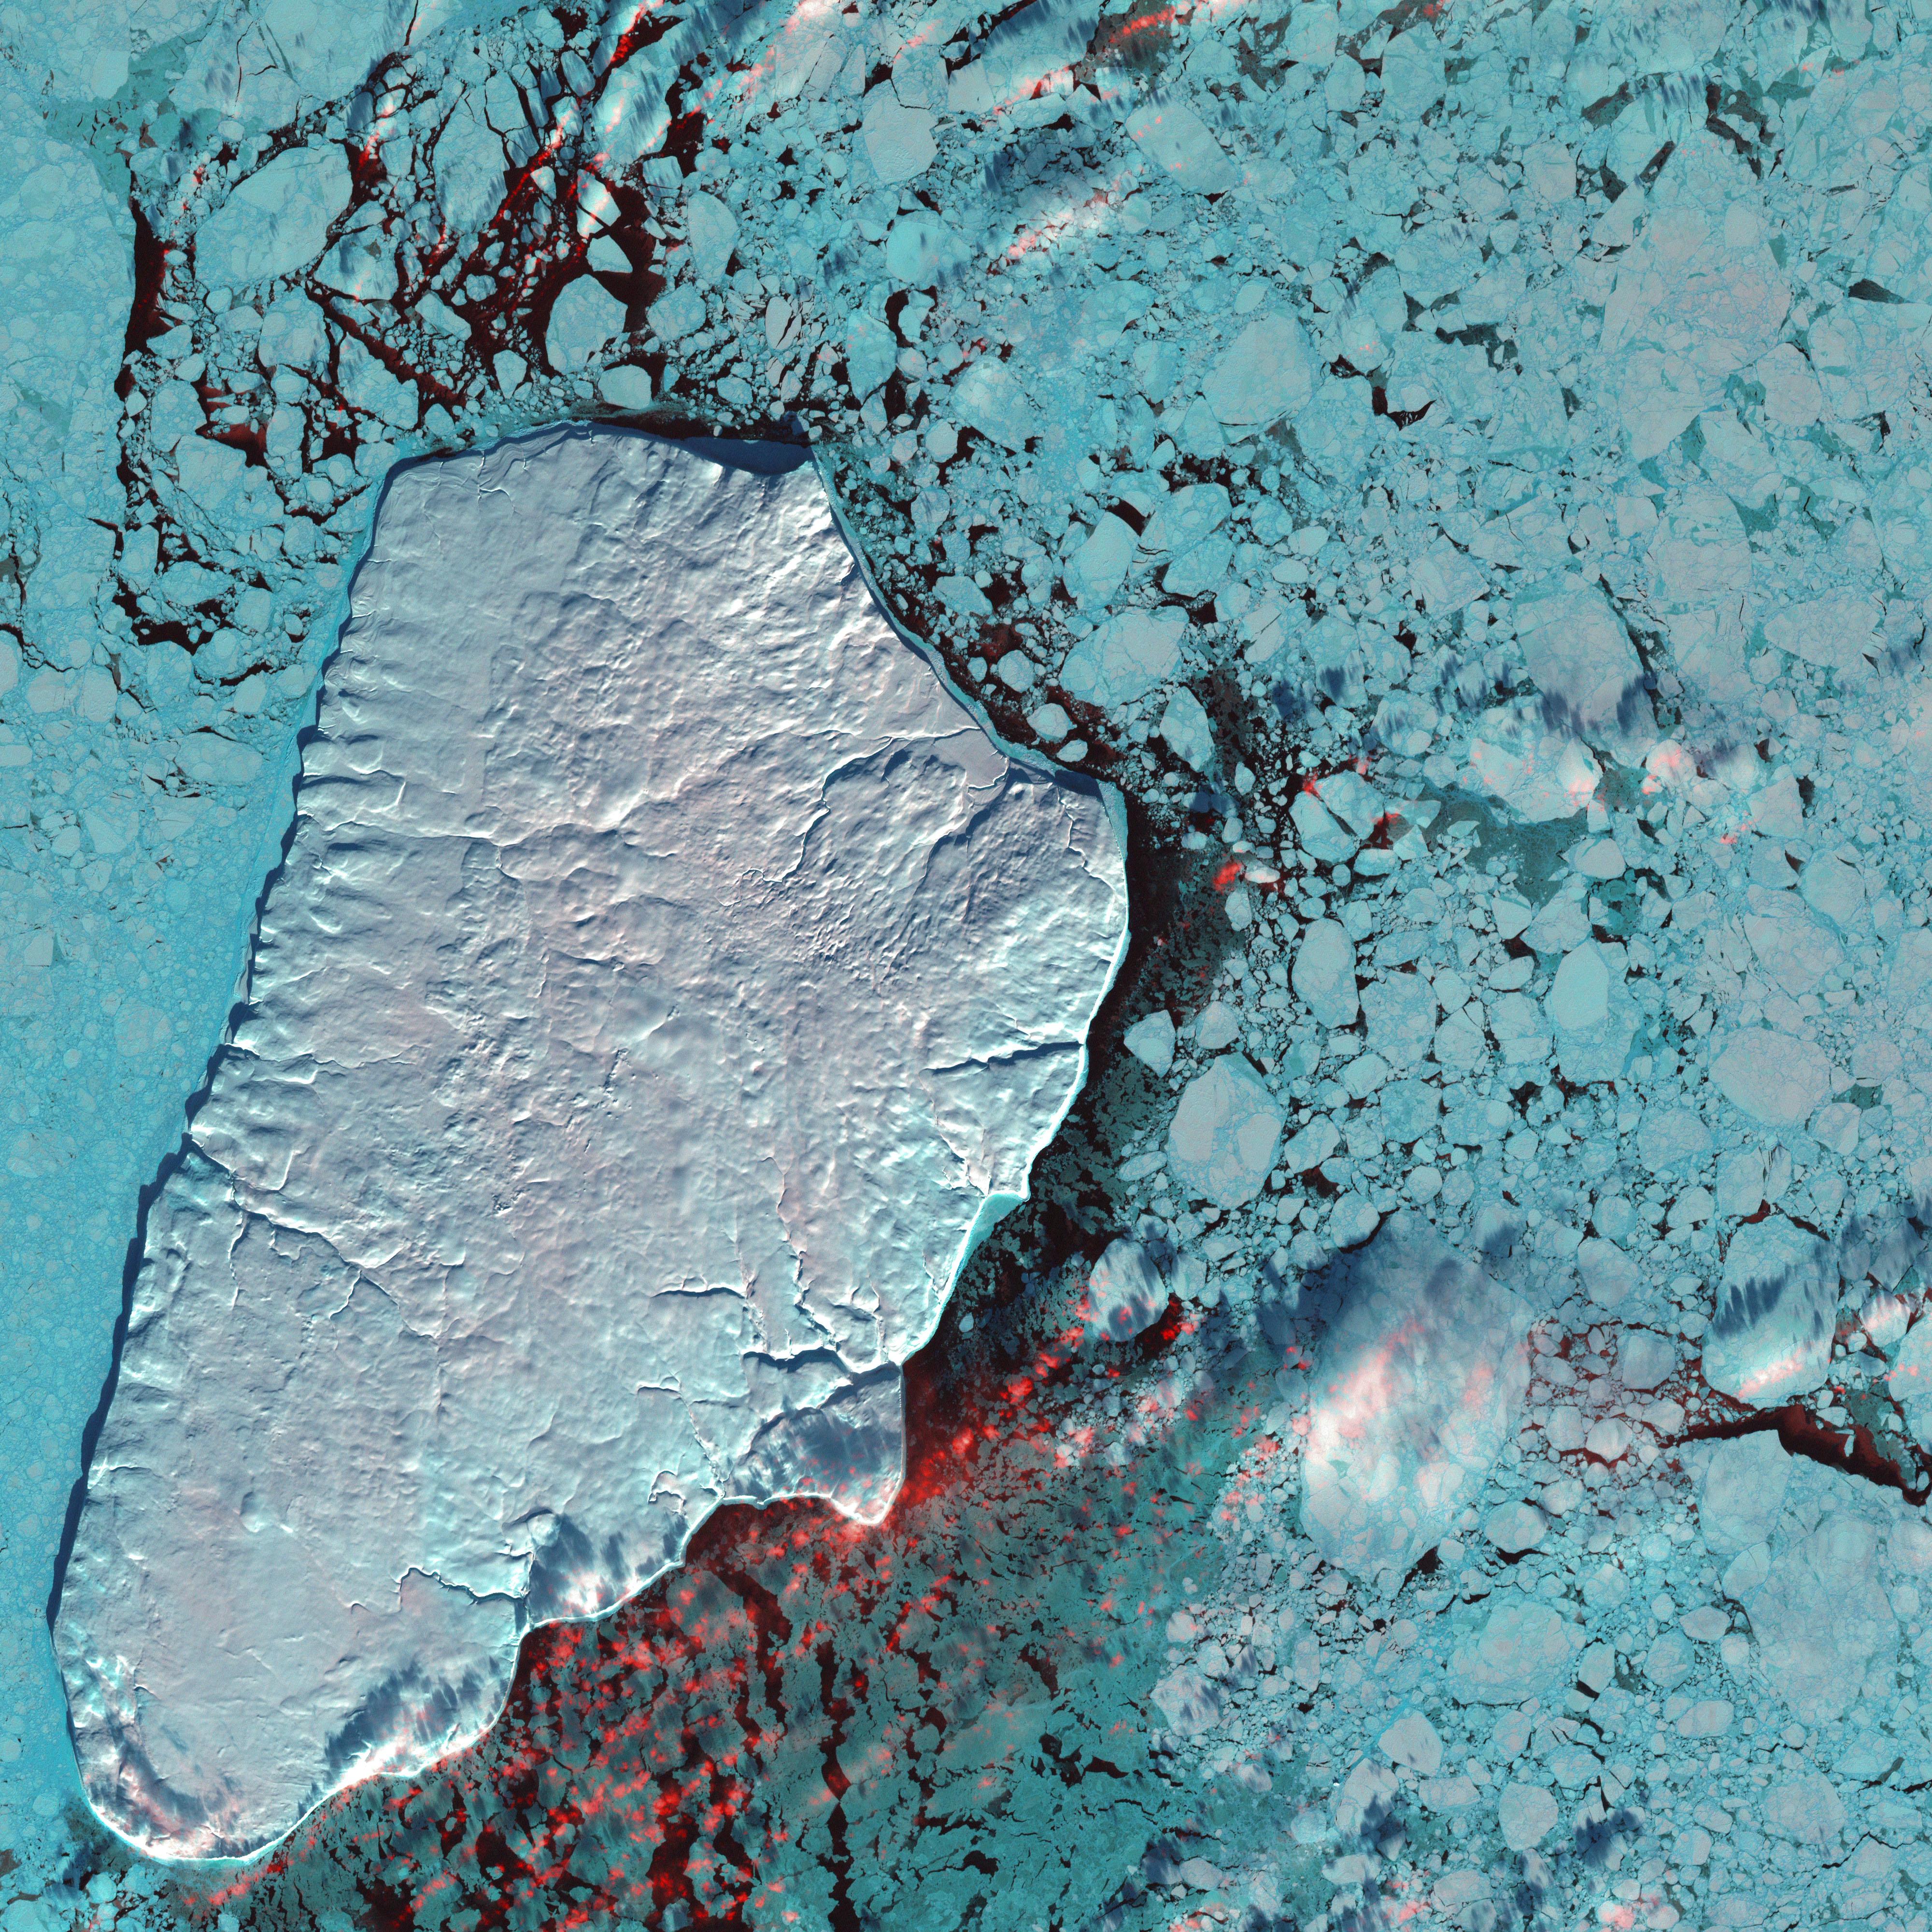 Akpatok Island